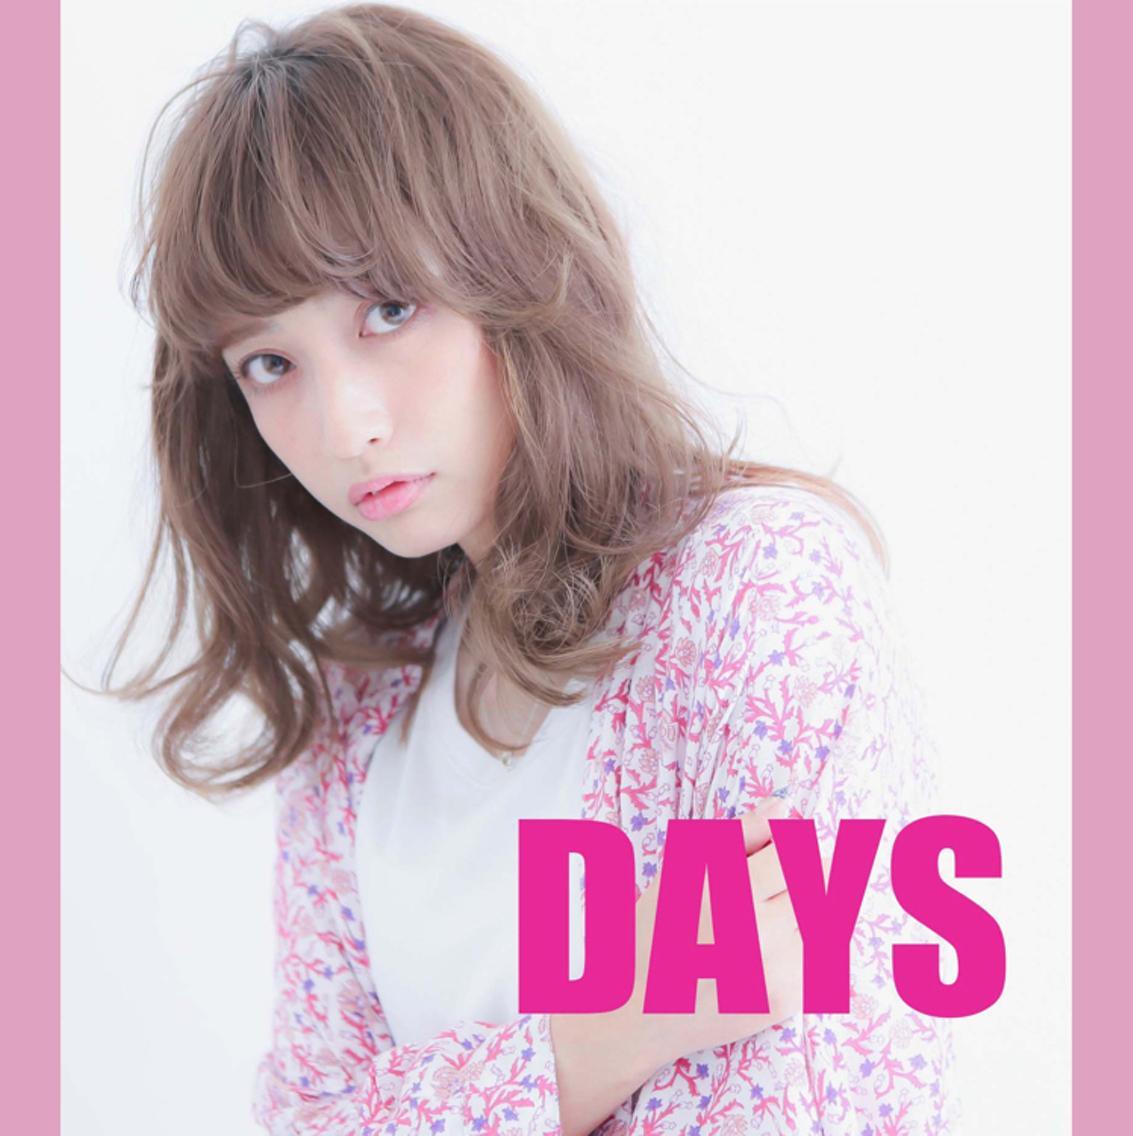 DAYS(デイズ)所属・山田美紗希の掲載